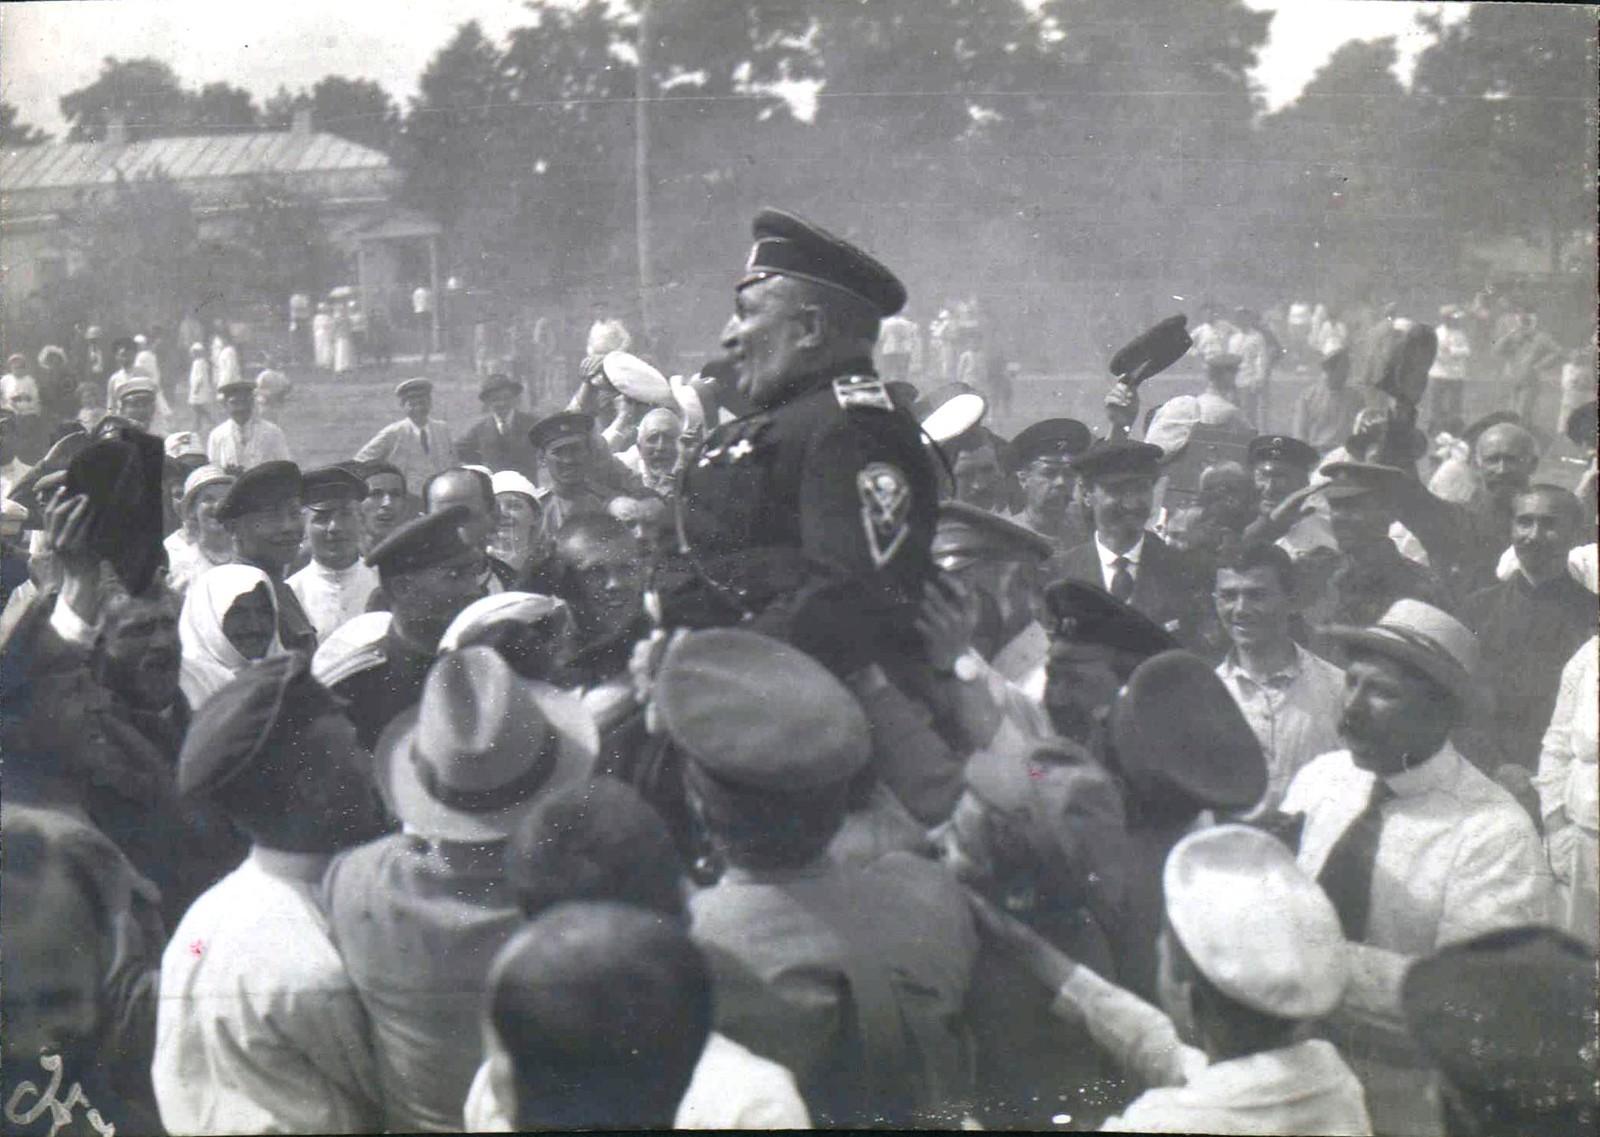 253. Жители Полтавы приветствуют генерала Владимира Зеноновича Май-Маевского сразу же после освобождения города, июль